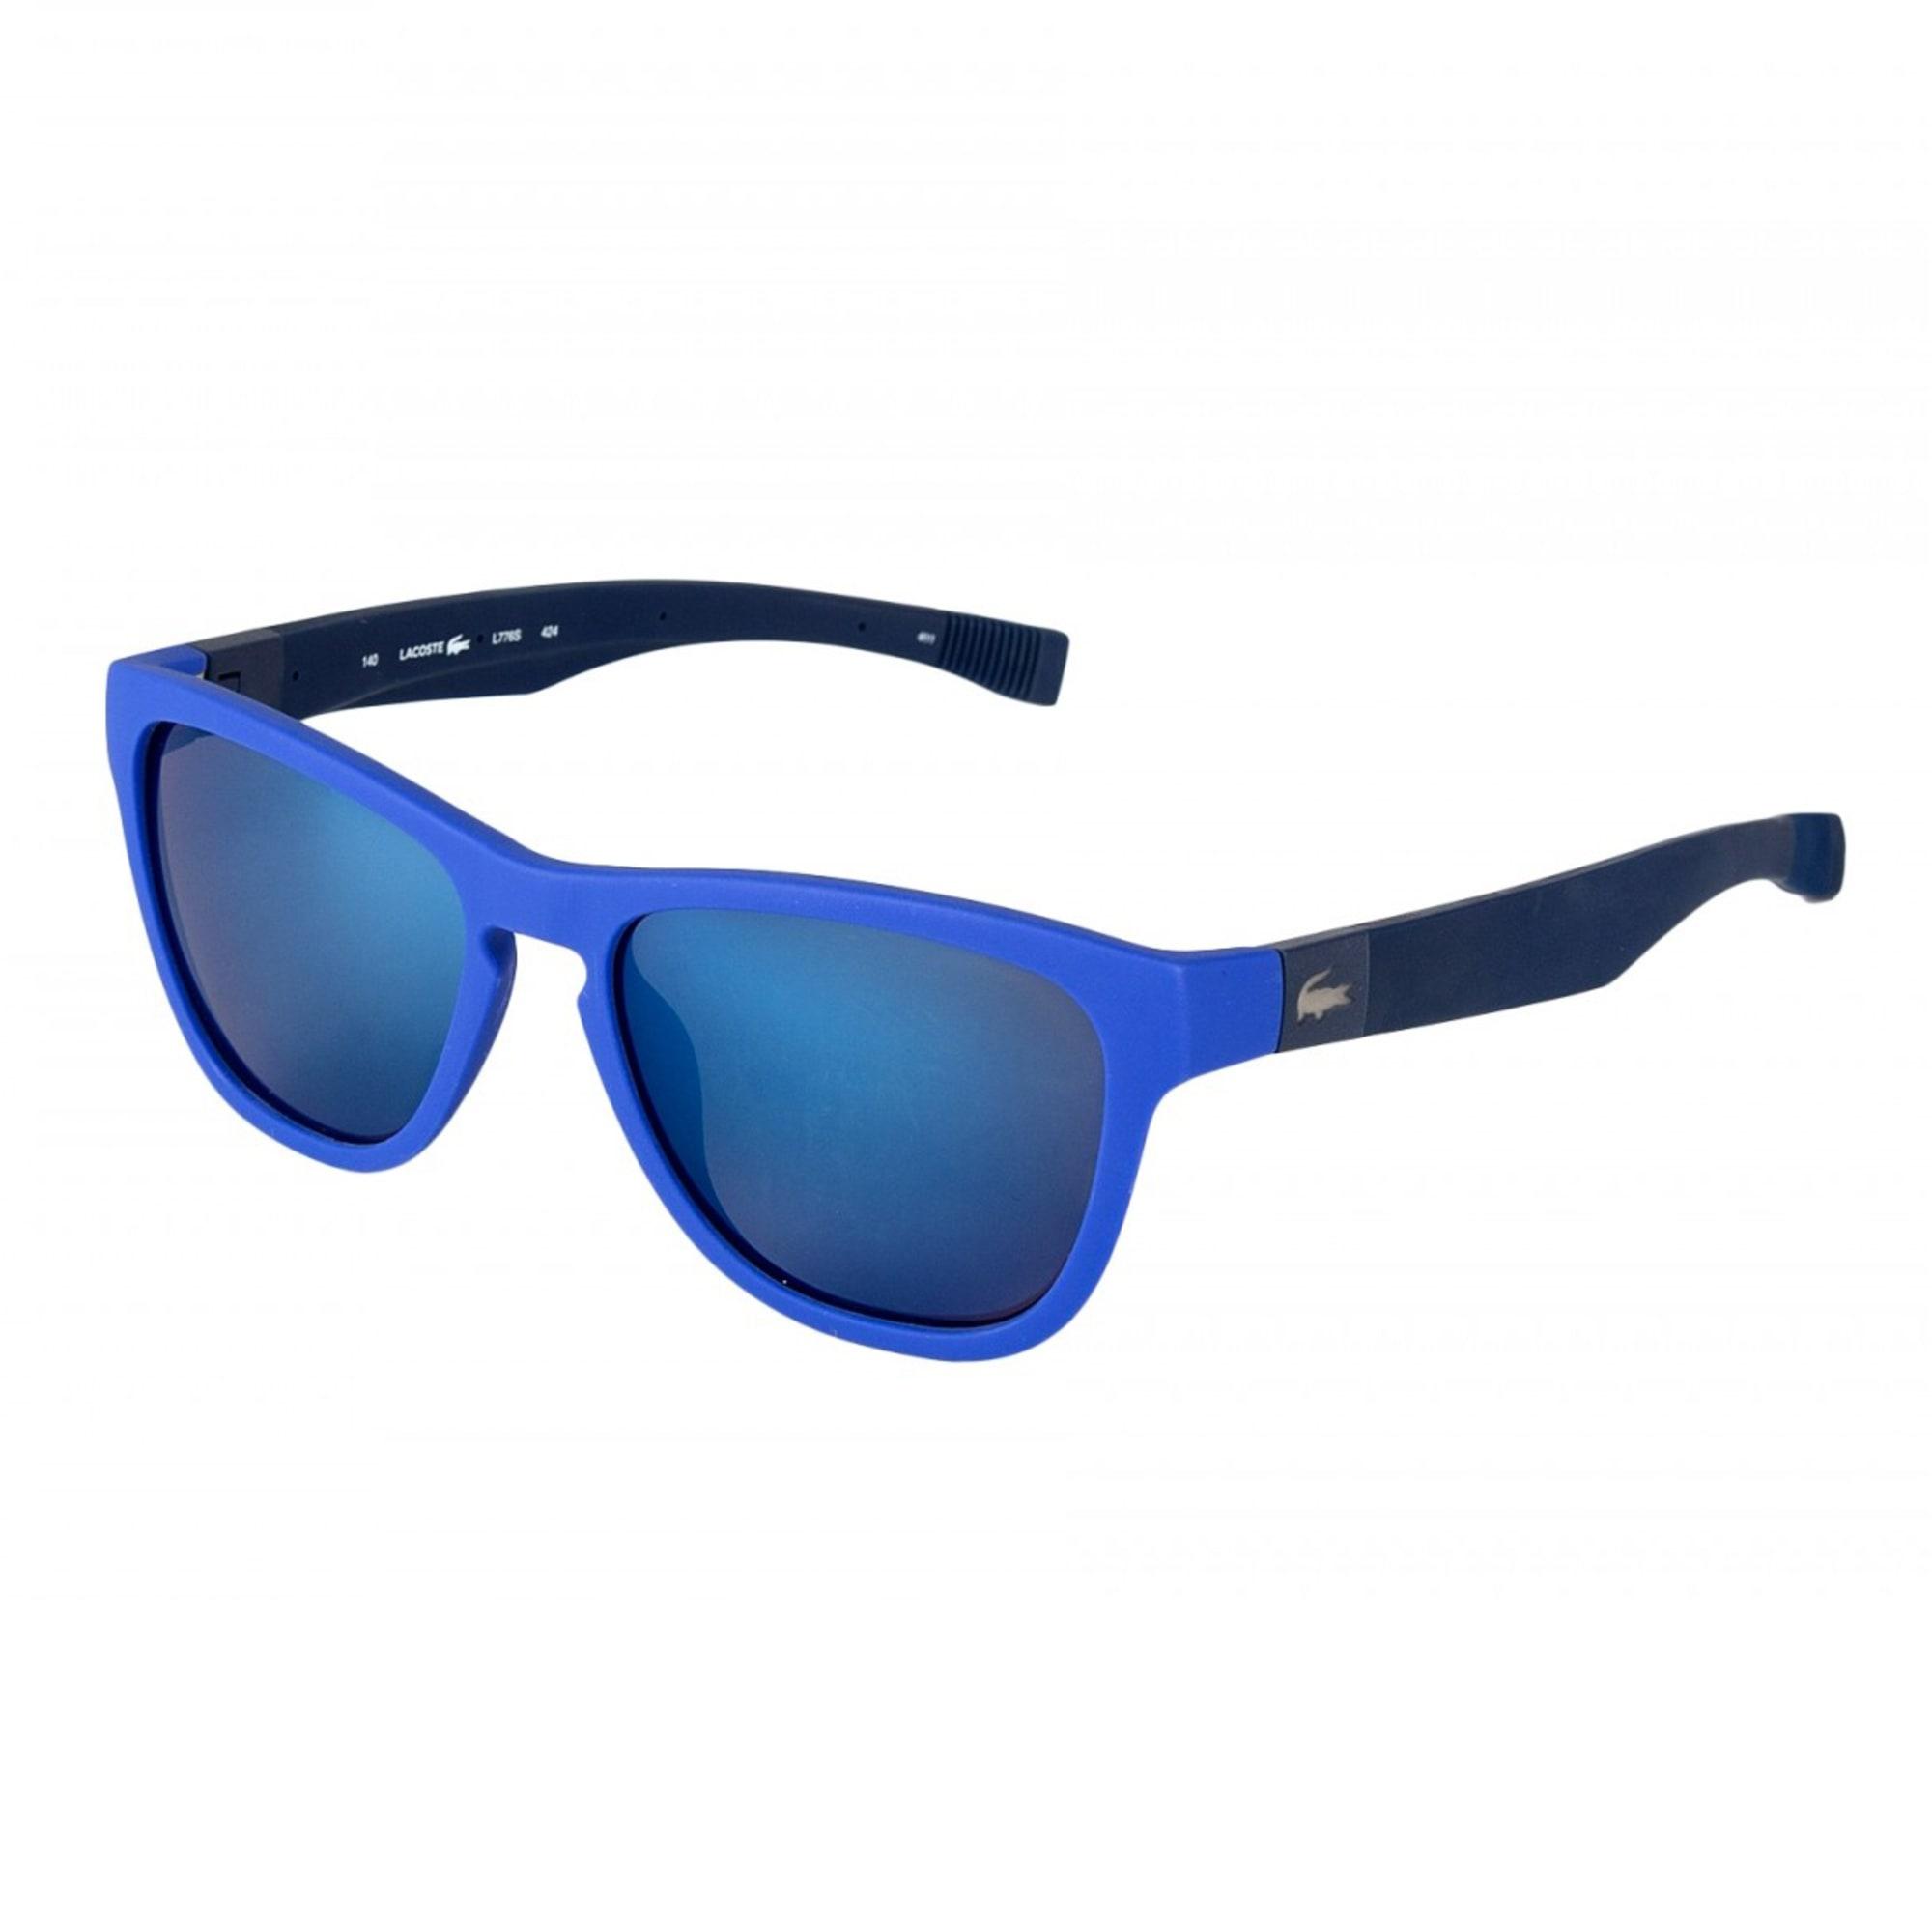 Lunettes de soleil LACOSTE Bleu, bleu marine, bleu turquoise 3c02b4767354